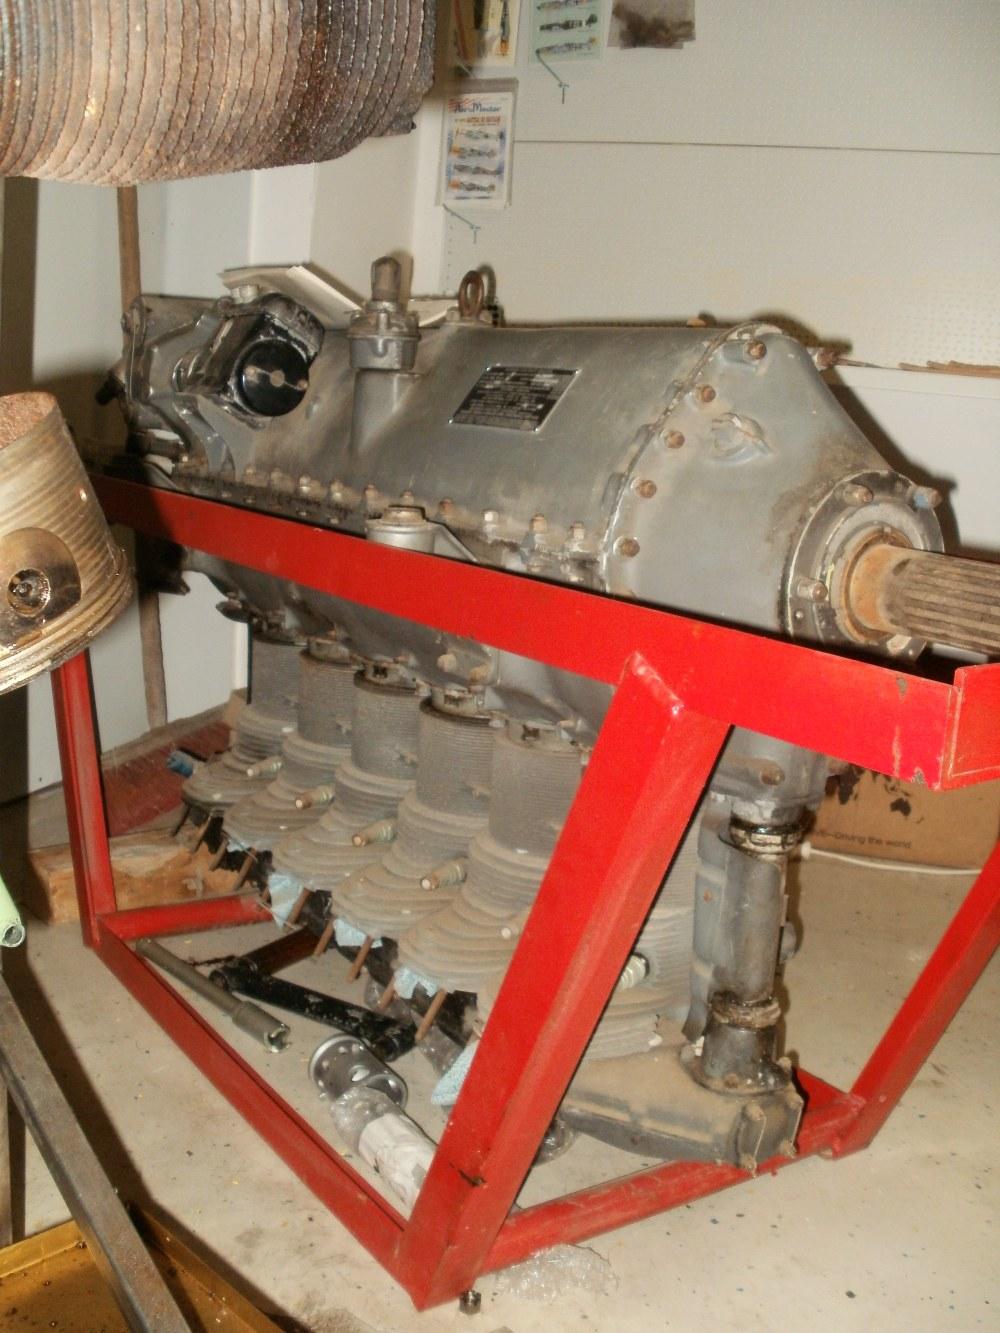 Dies ist ein Fairchild L440 'Ranger' , wie er in den 40er Jahren beispielsweise in der Fairchild PT-19 eingestzt war. Der Motor wird nach dem Umläufer generalüberholt. Eine Verwendung ist seither noch nicht geplant.